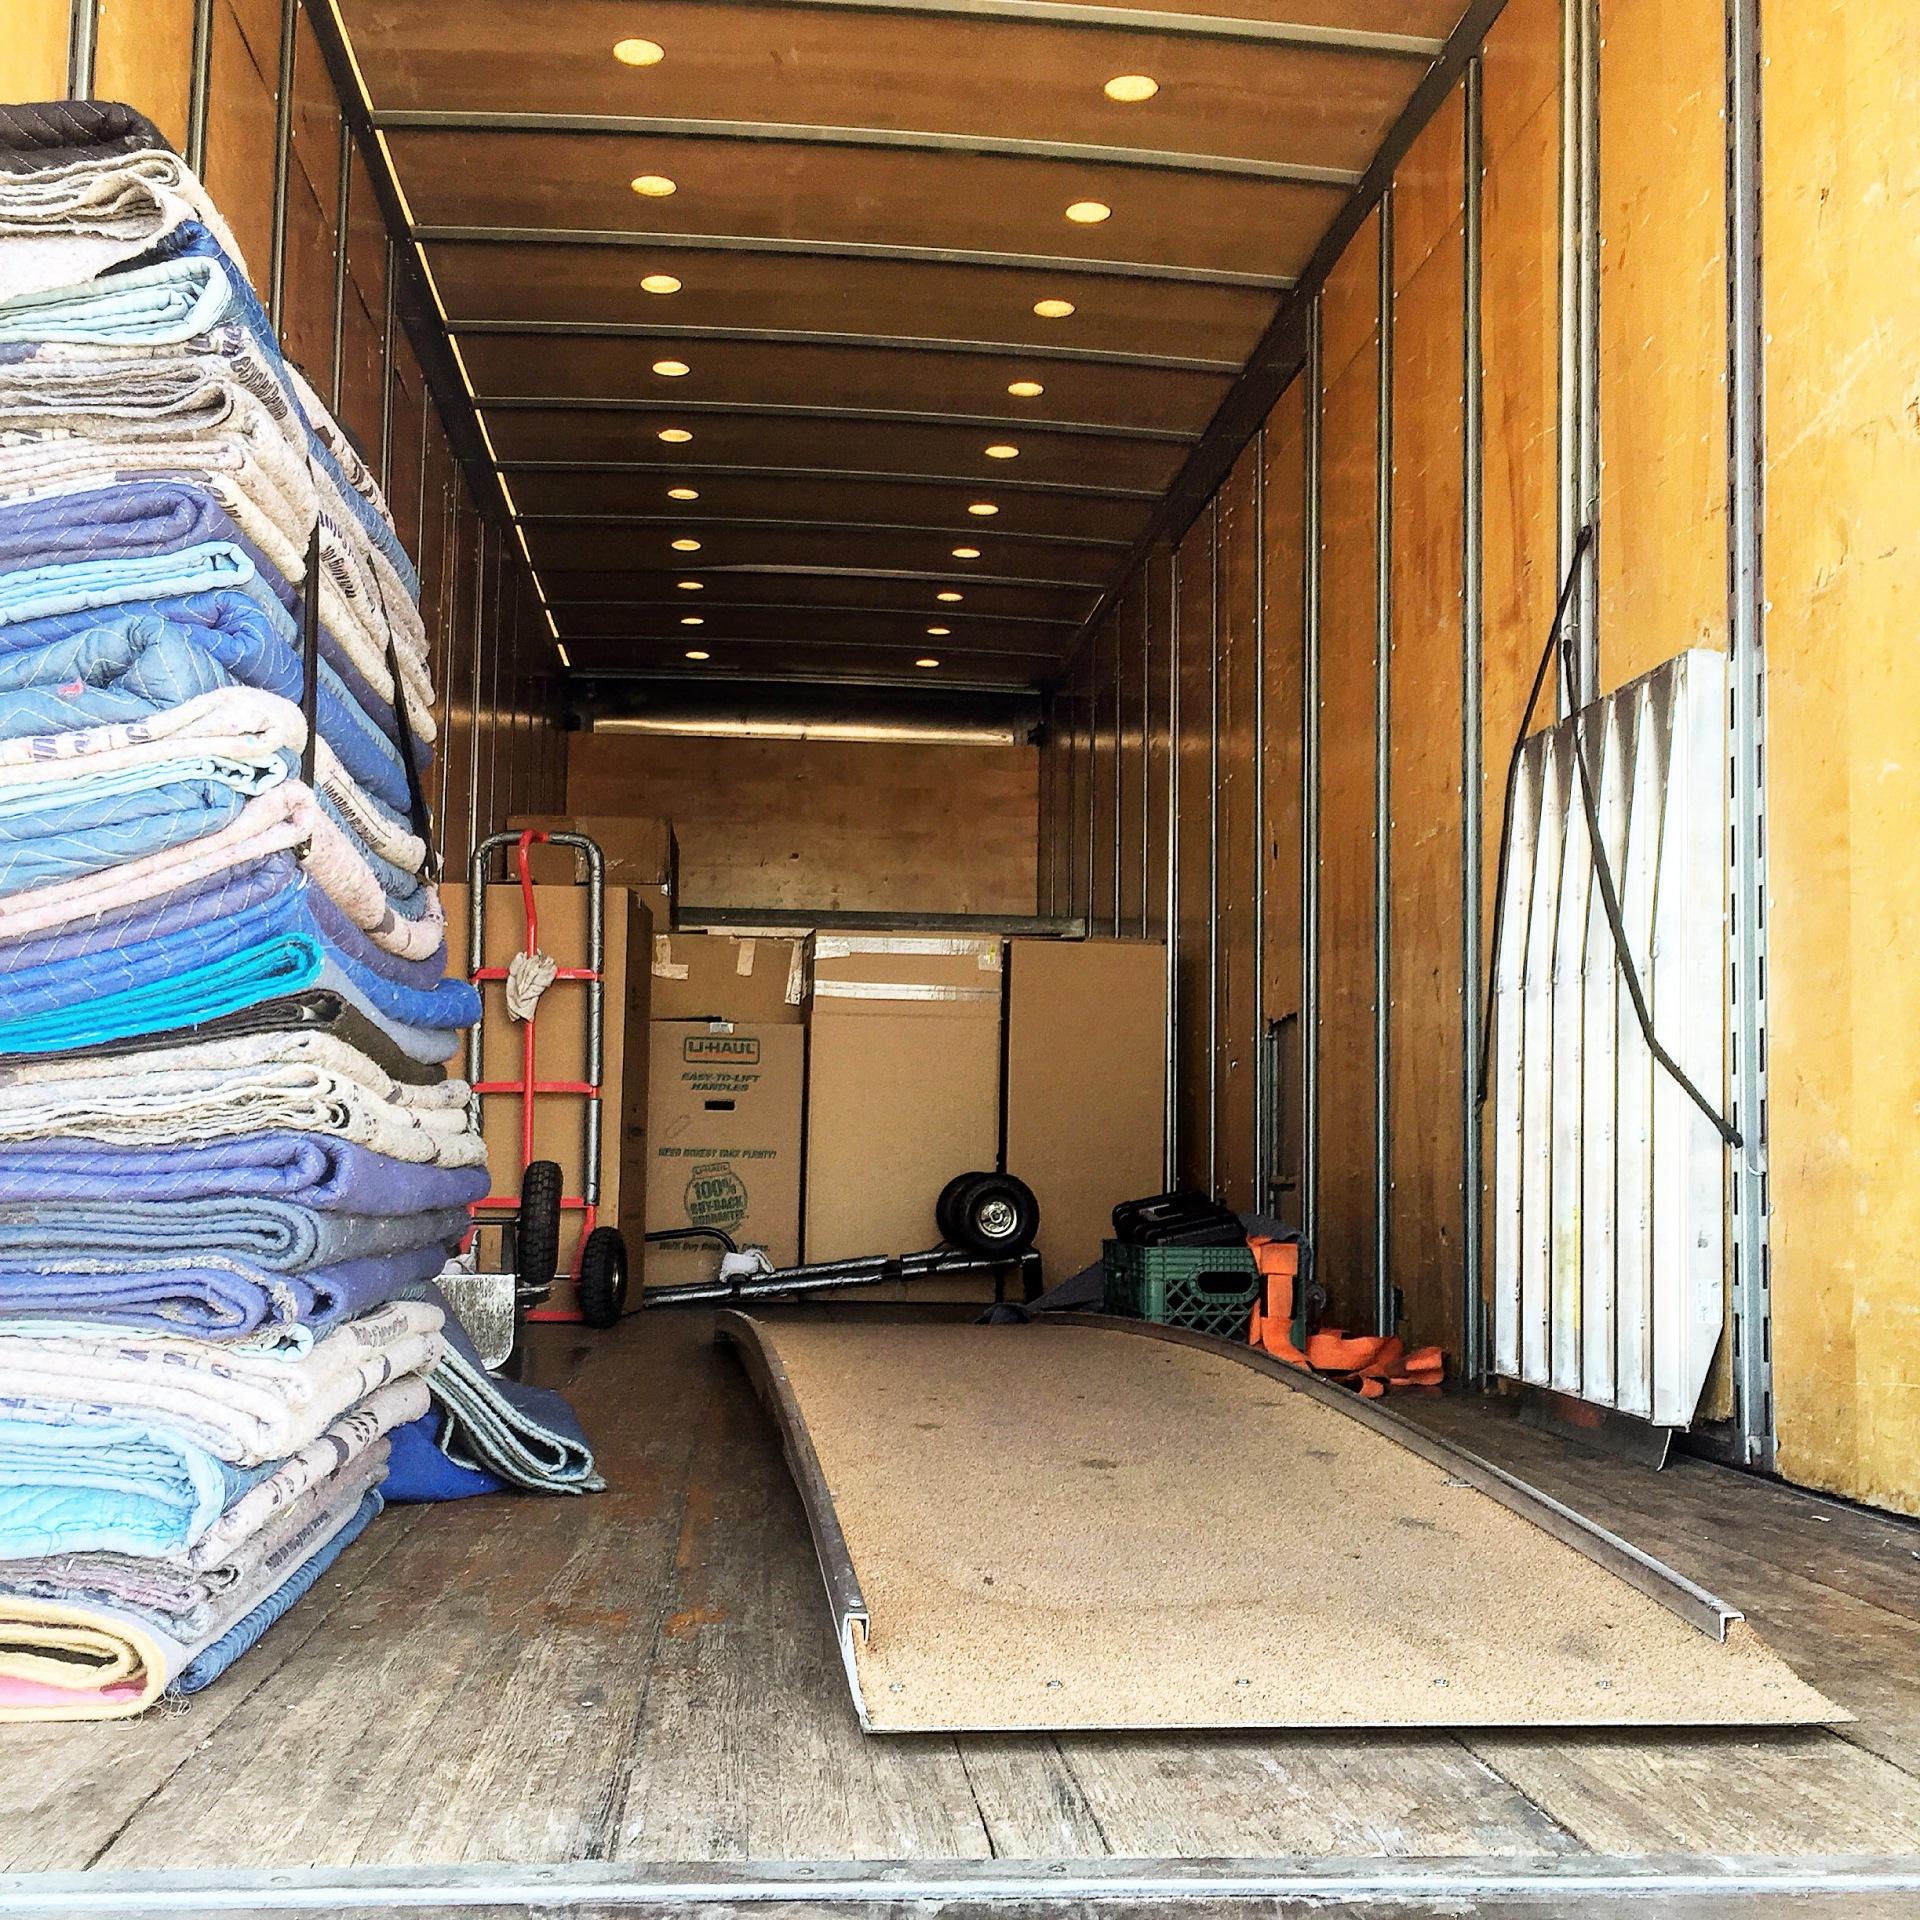 26ft Moving Trucks